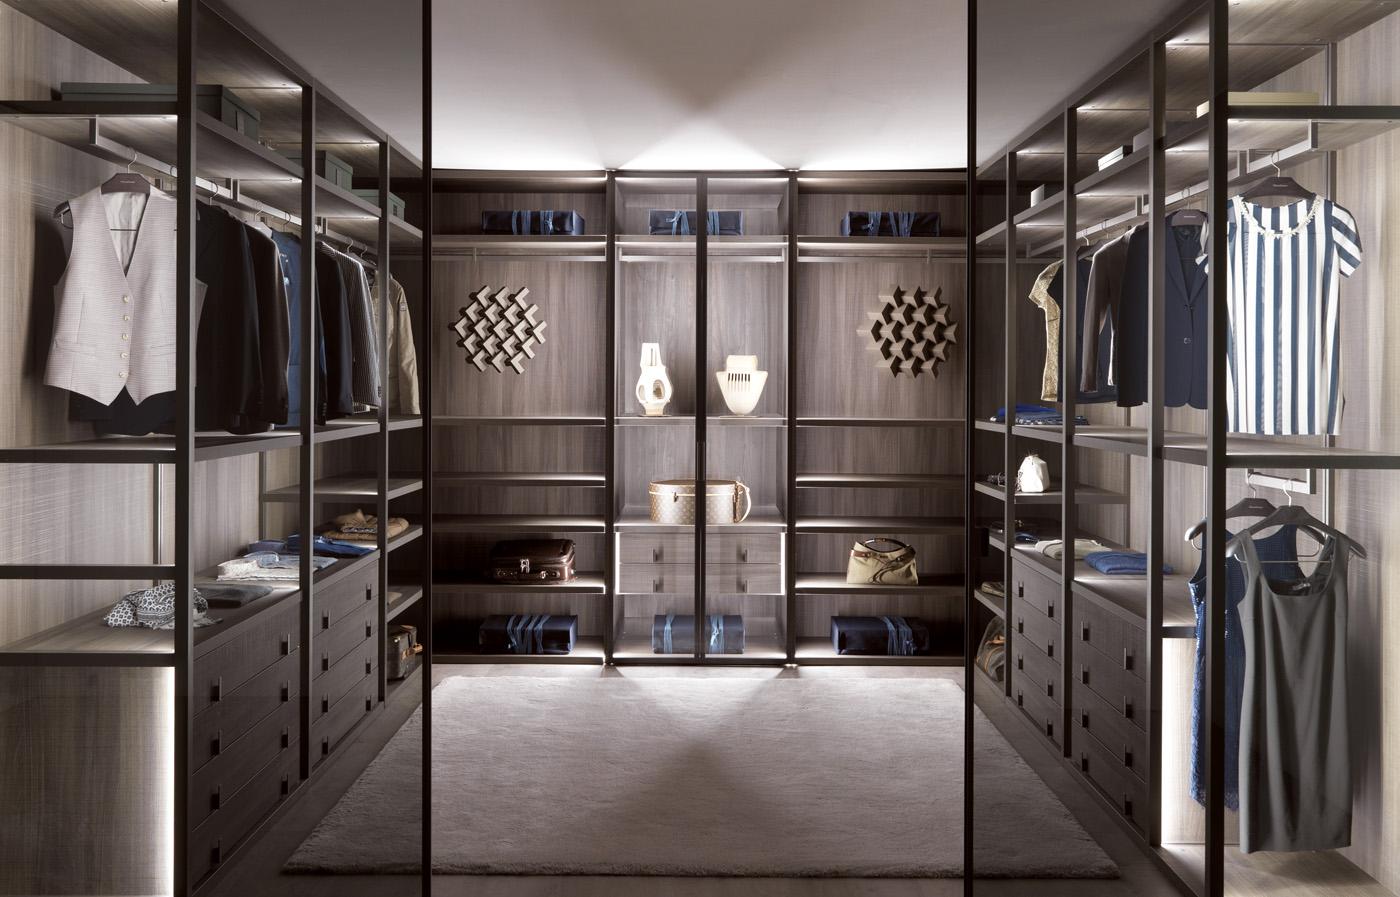 Đèn led trang trí giúp tủ quần áo thêm sang trọng